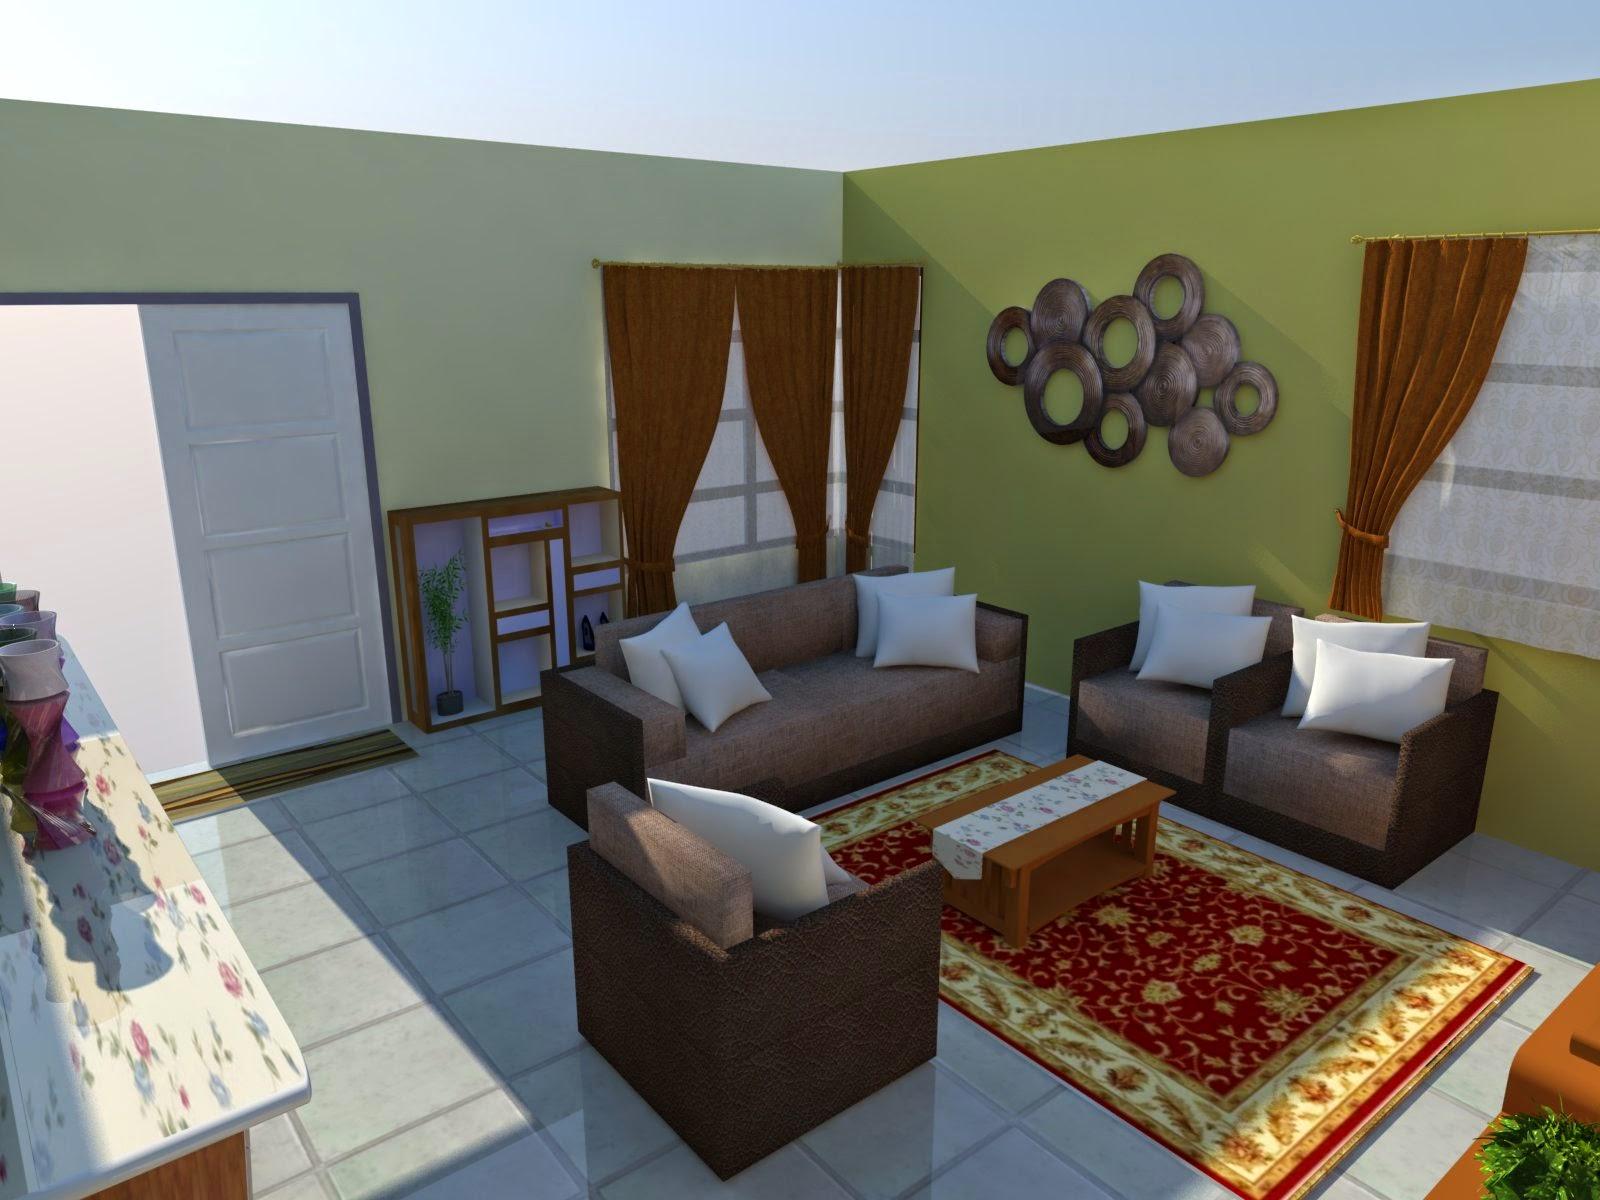 deko ruang tamu rumah kos rendah desain rumah